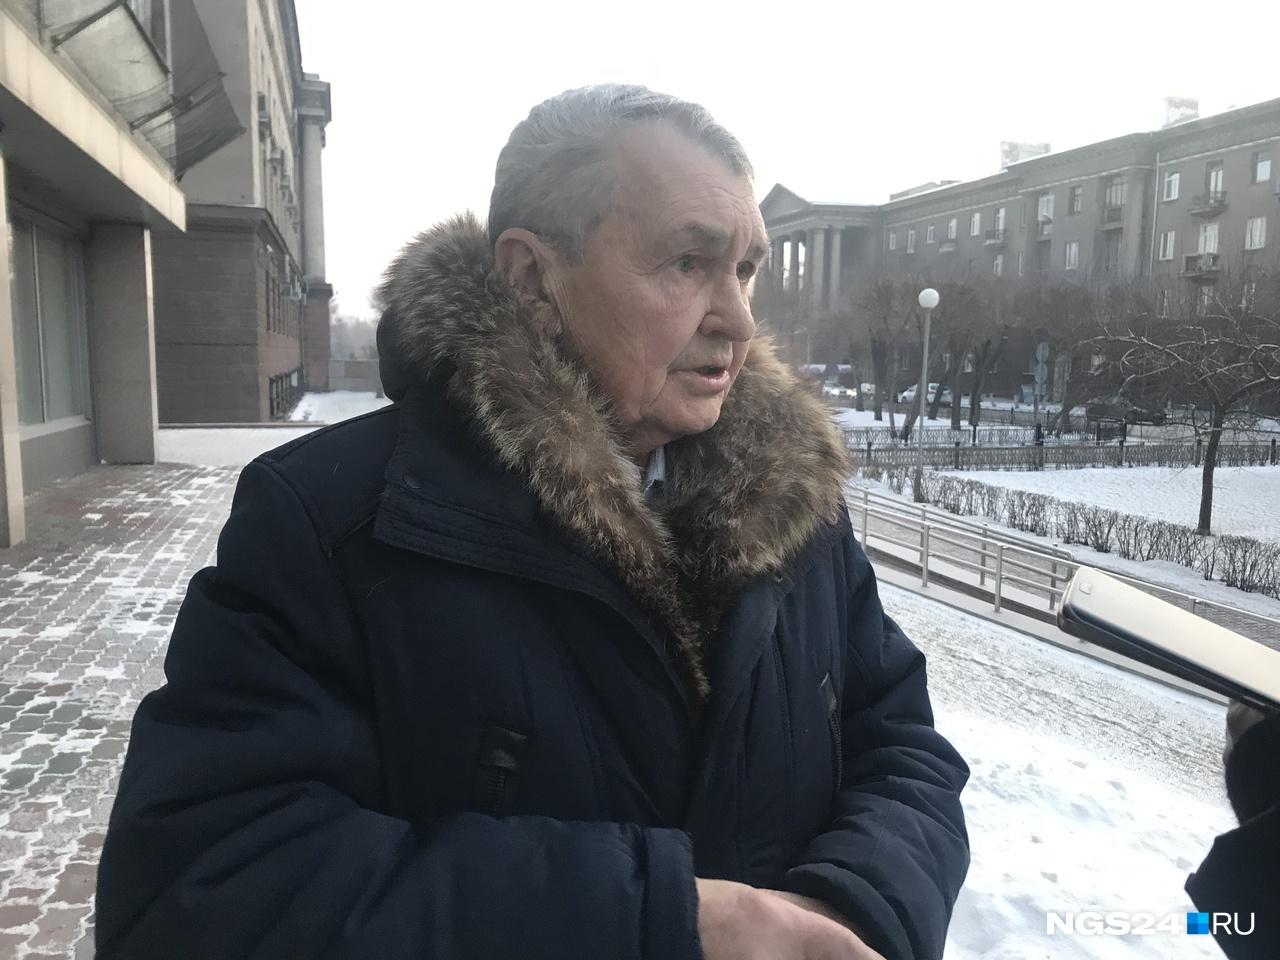 Юрий Мальцев считает ситуацию с дымкой нормальной для Красноярска. Зимой, по его мнению, будет хуже